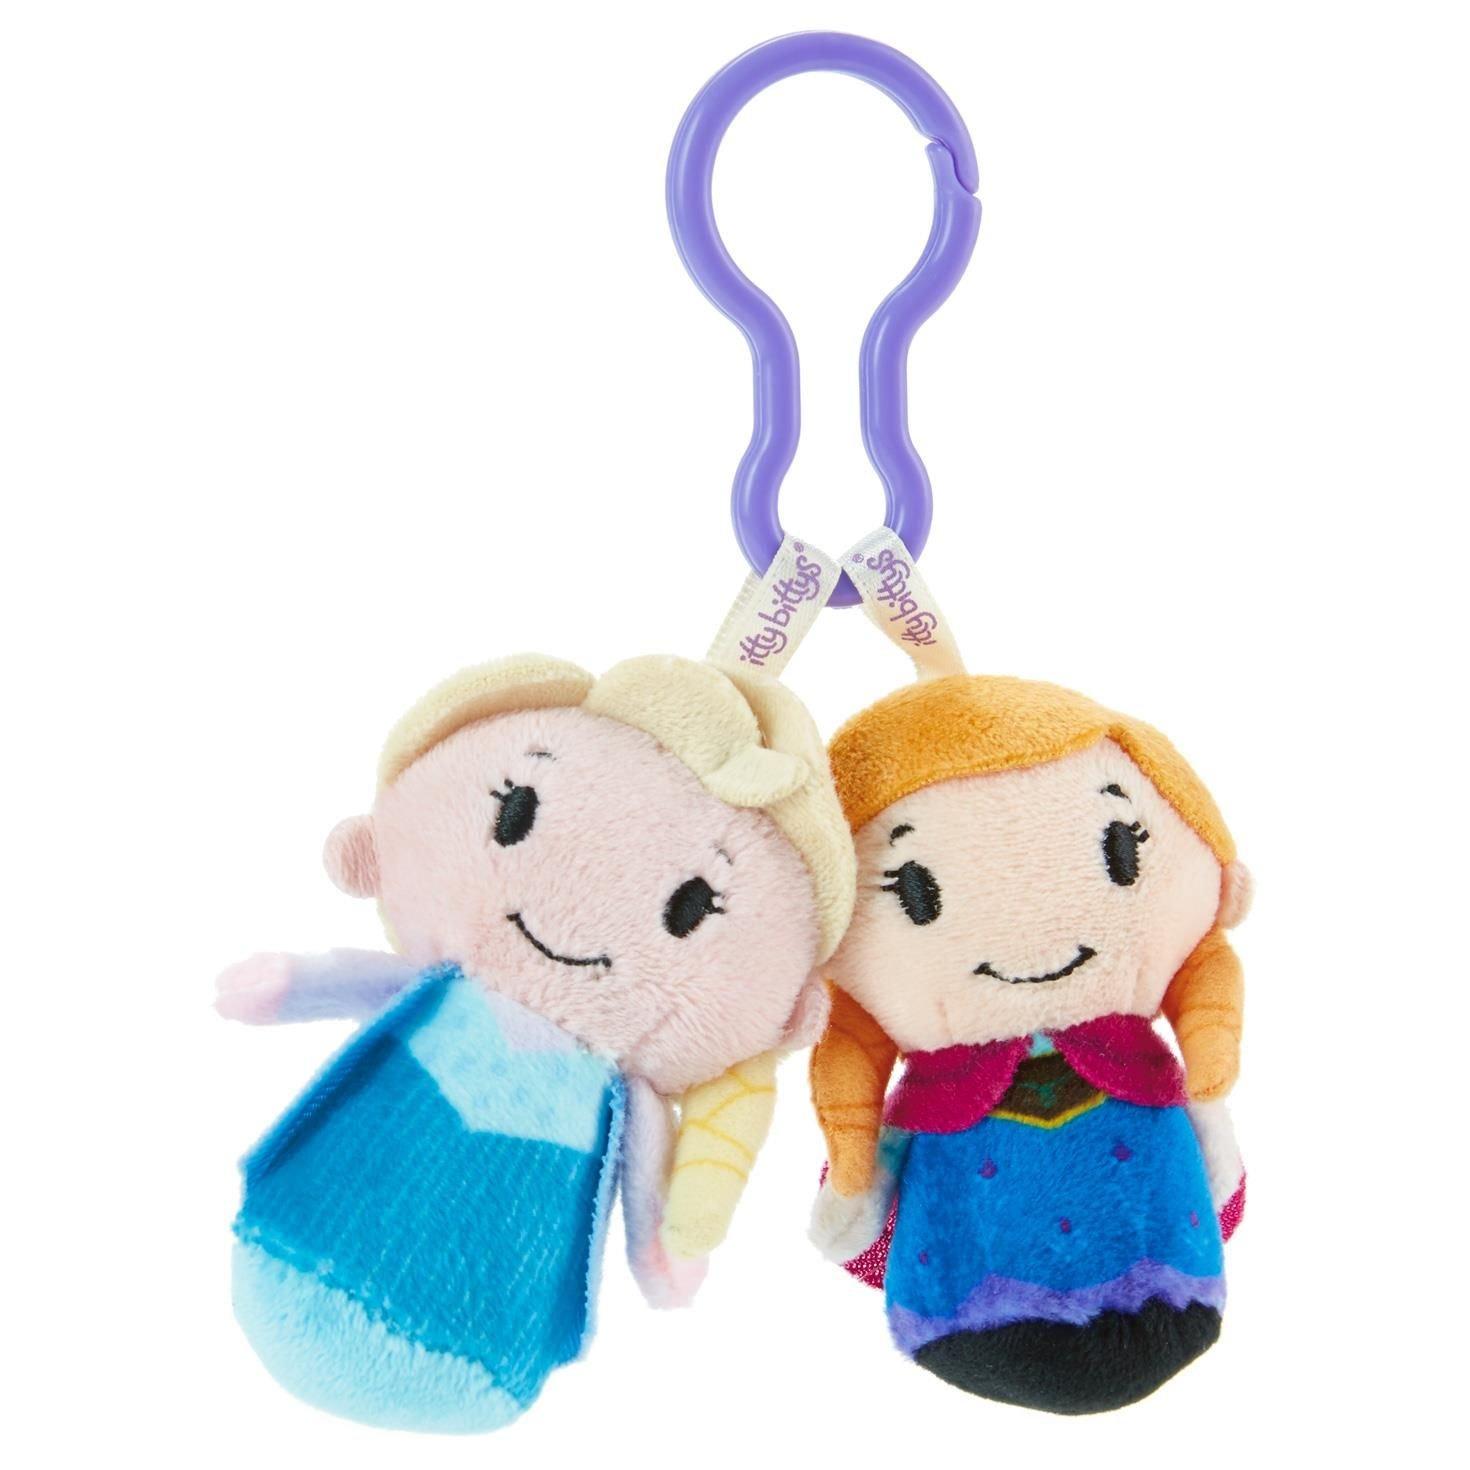 Hallmark Disney Frozen Elsa and Anna itty bittys Clippys